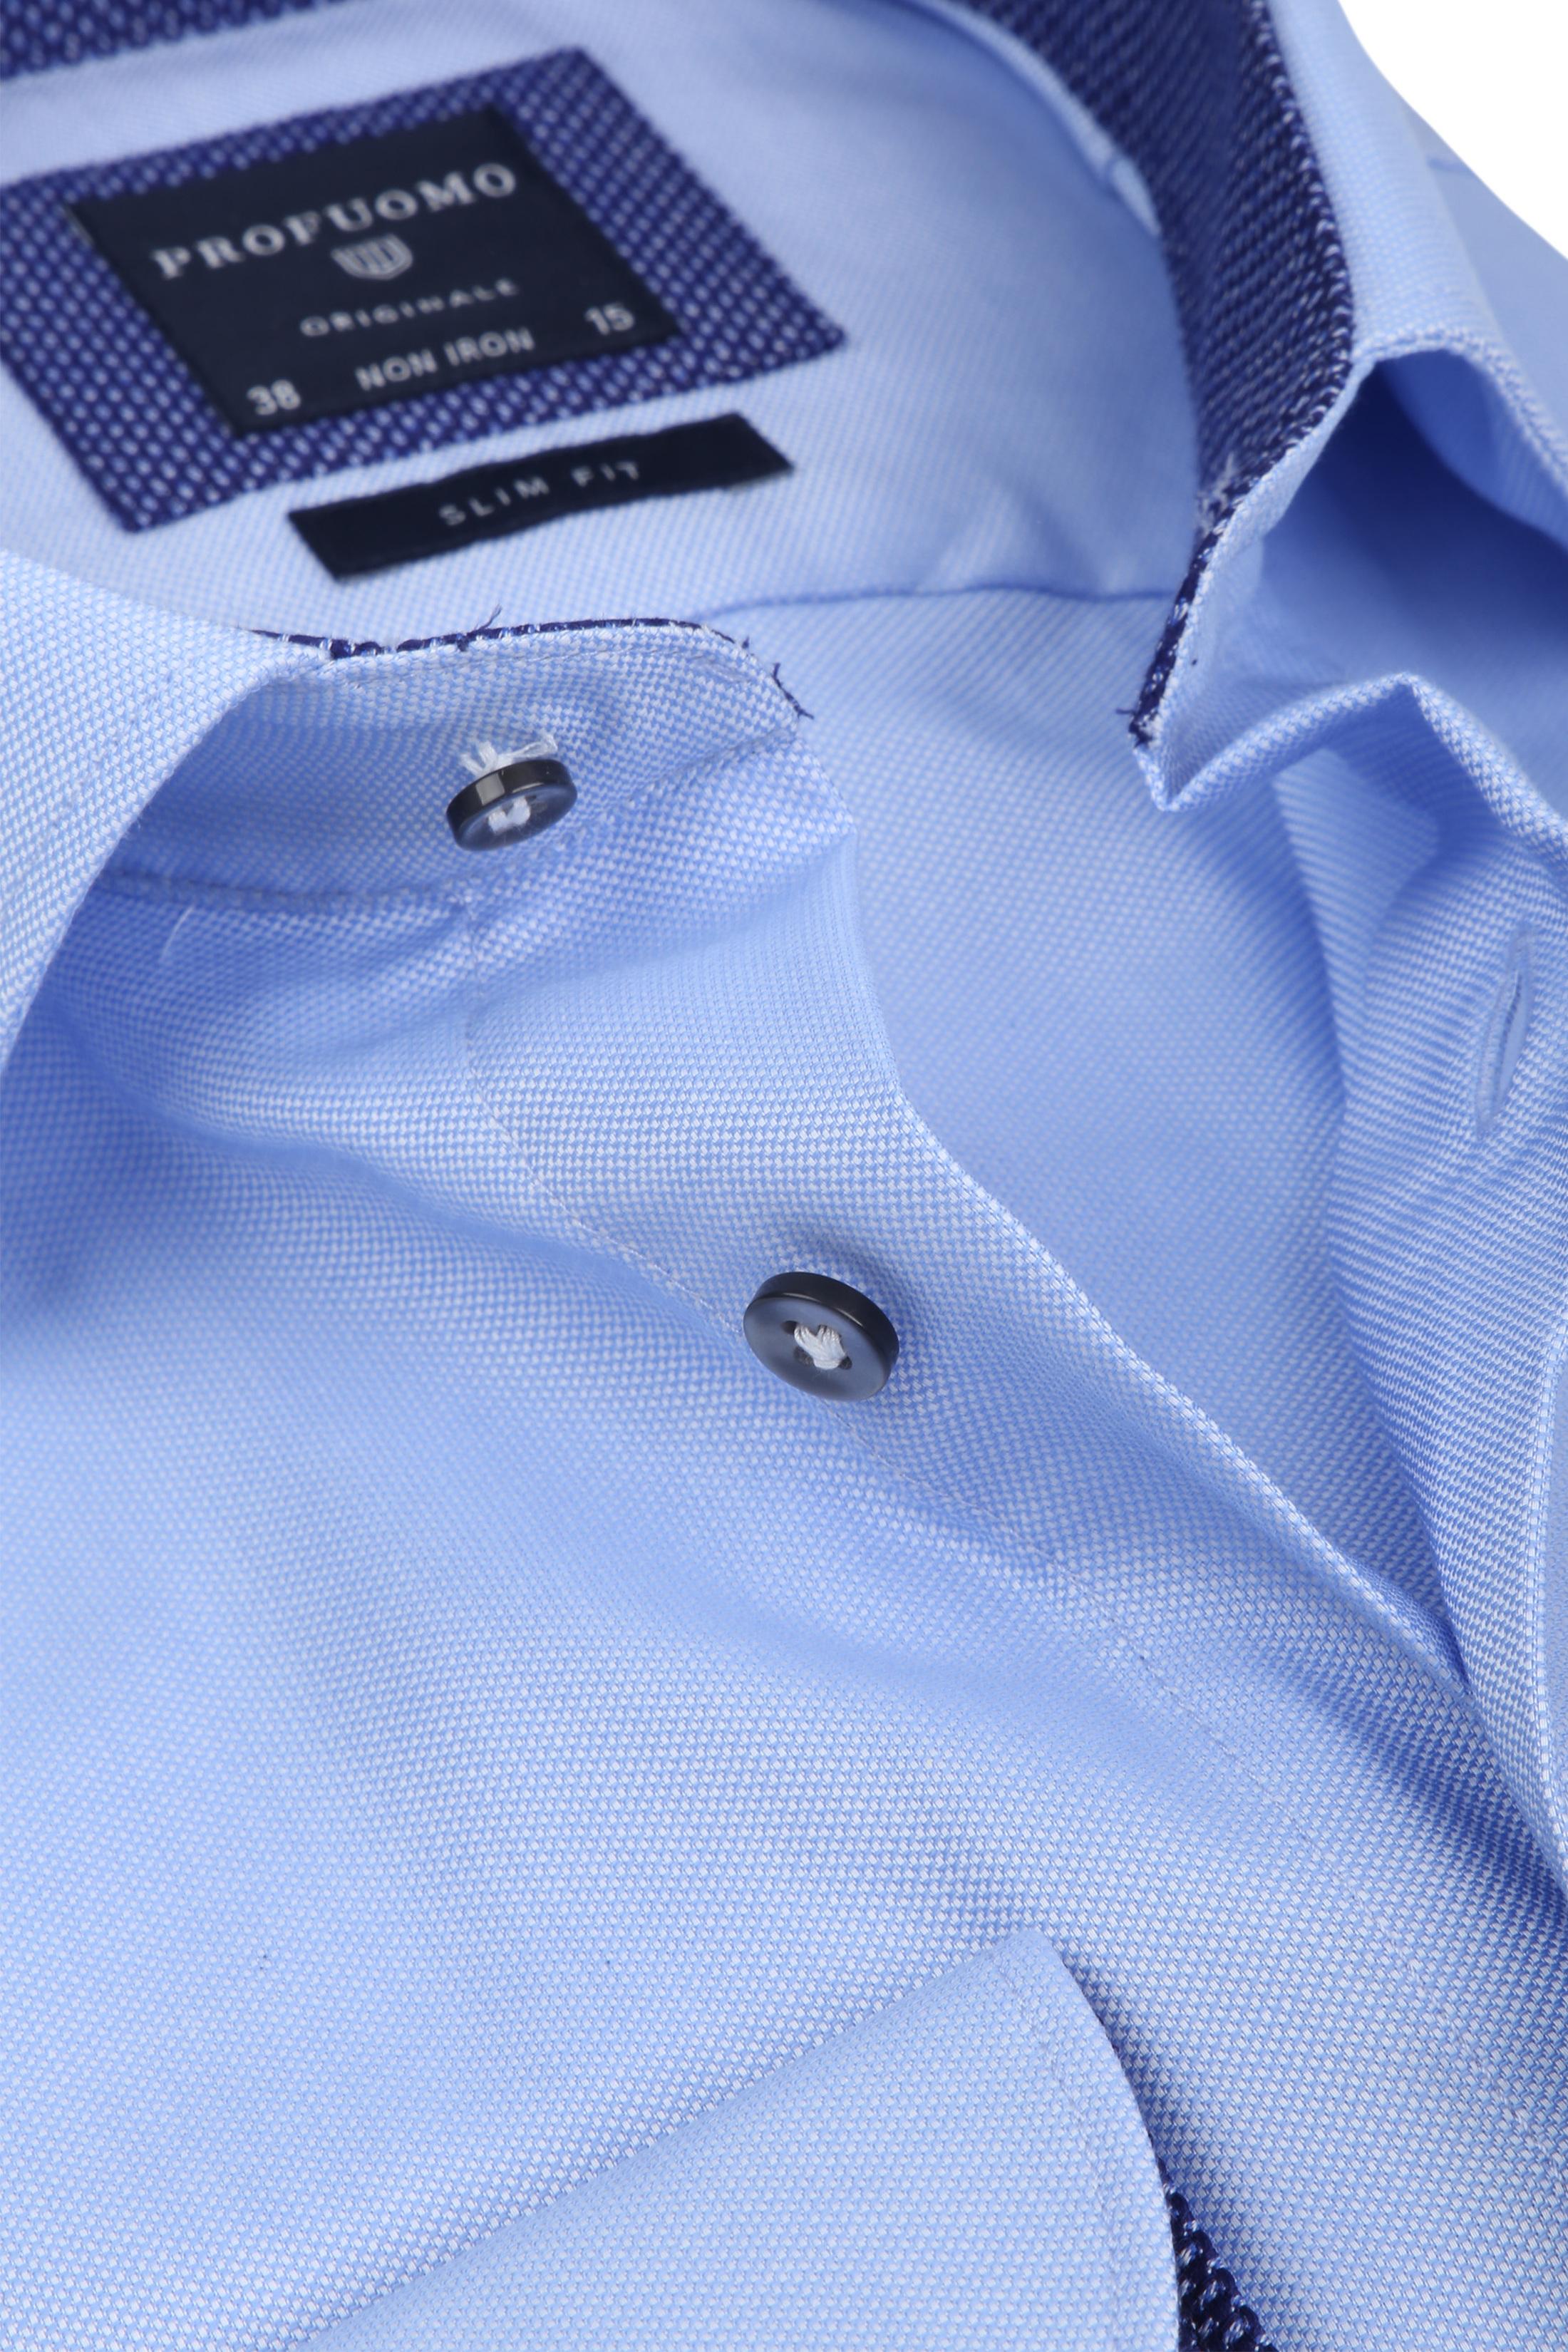 Profuomo Overhemd Non Iron Blauw foto 1